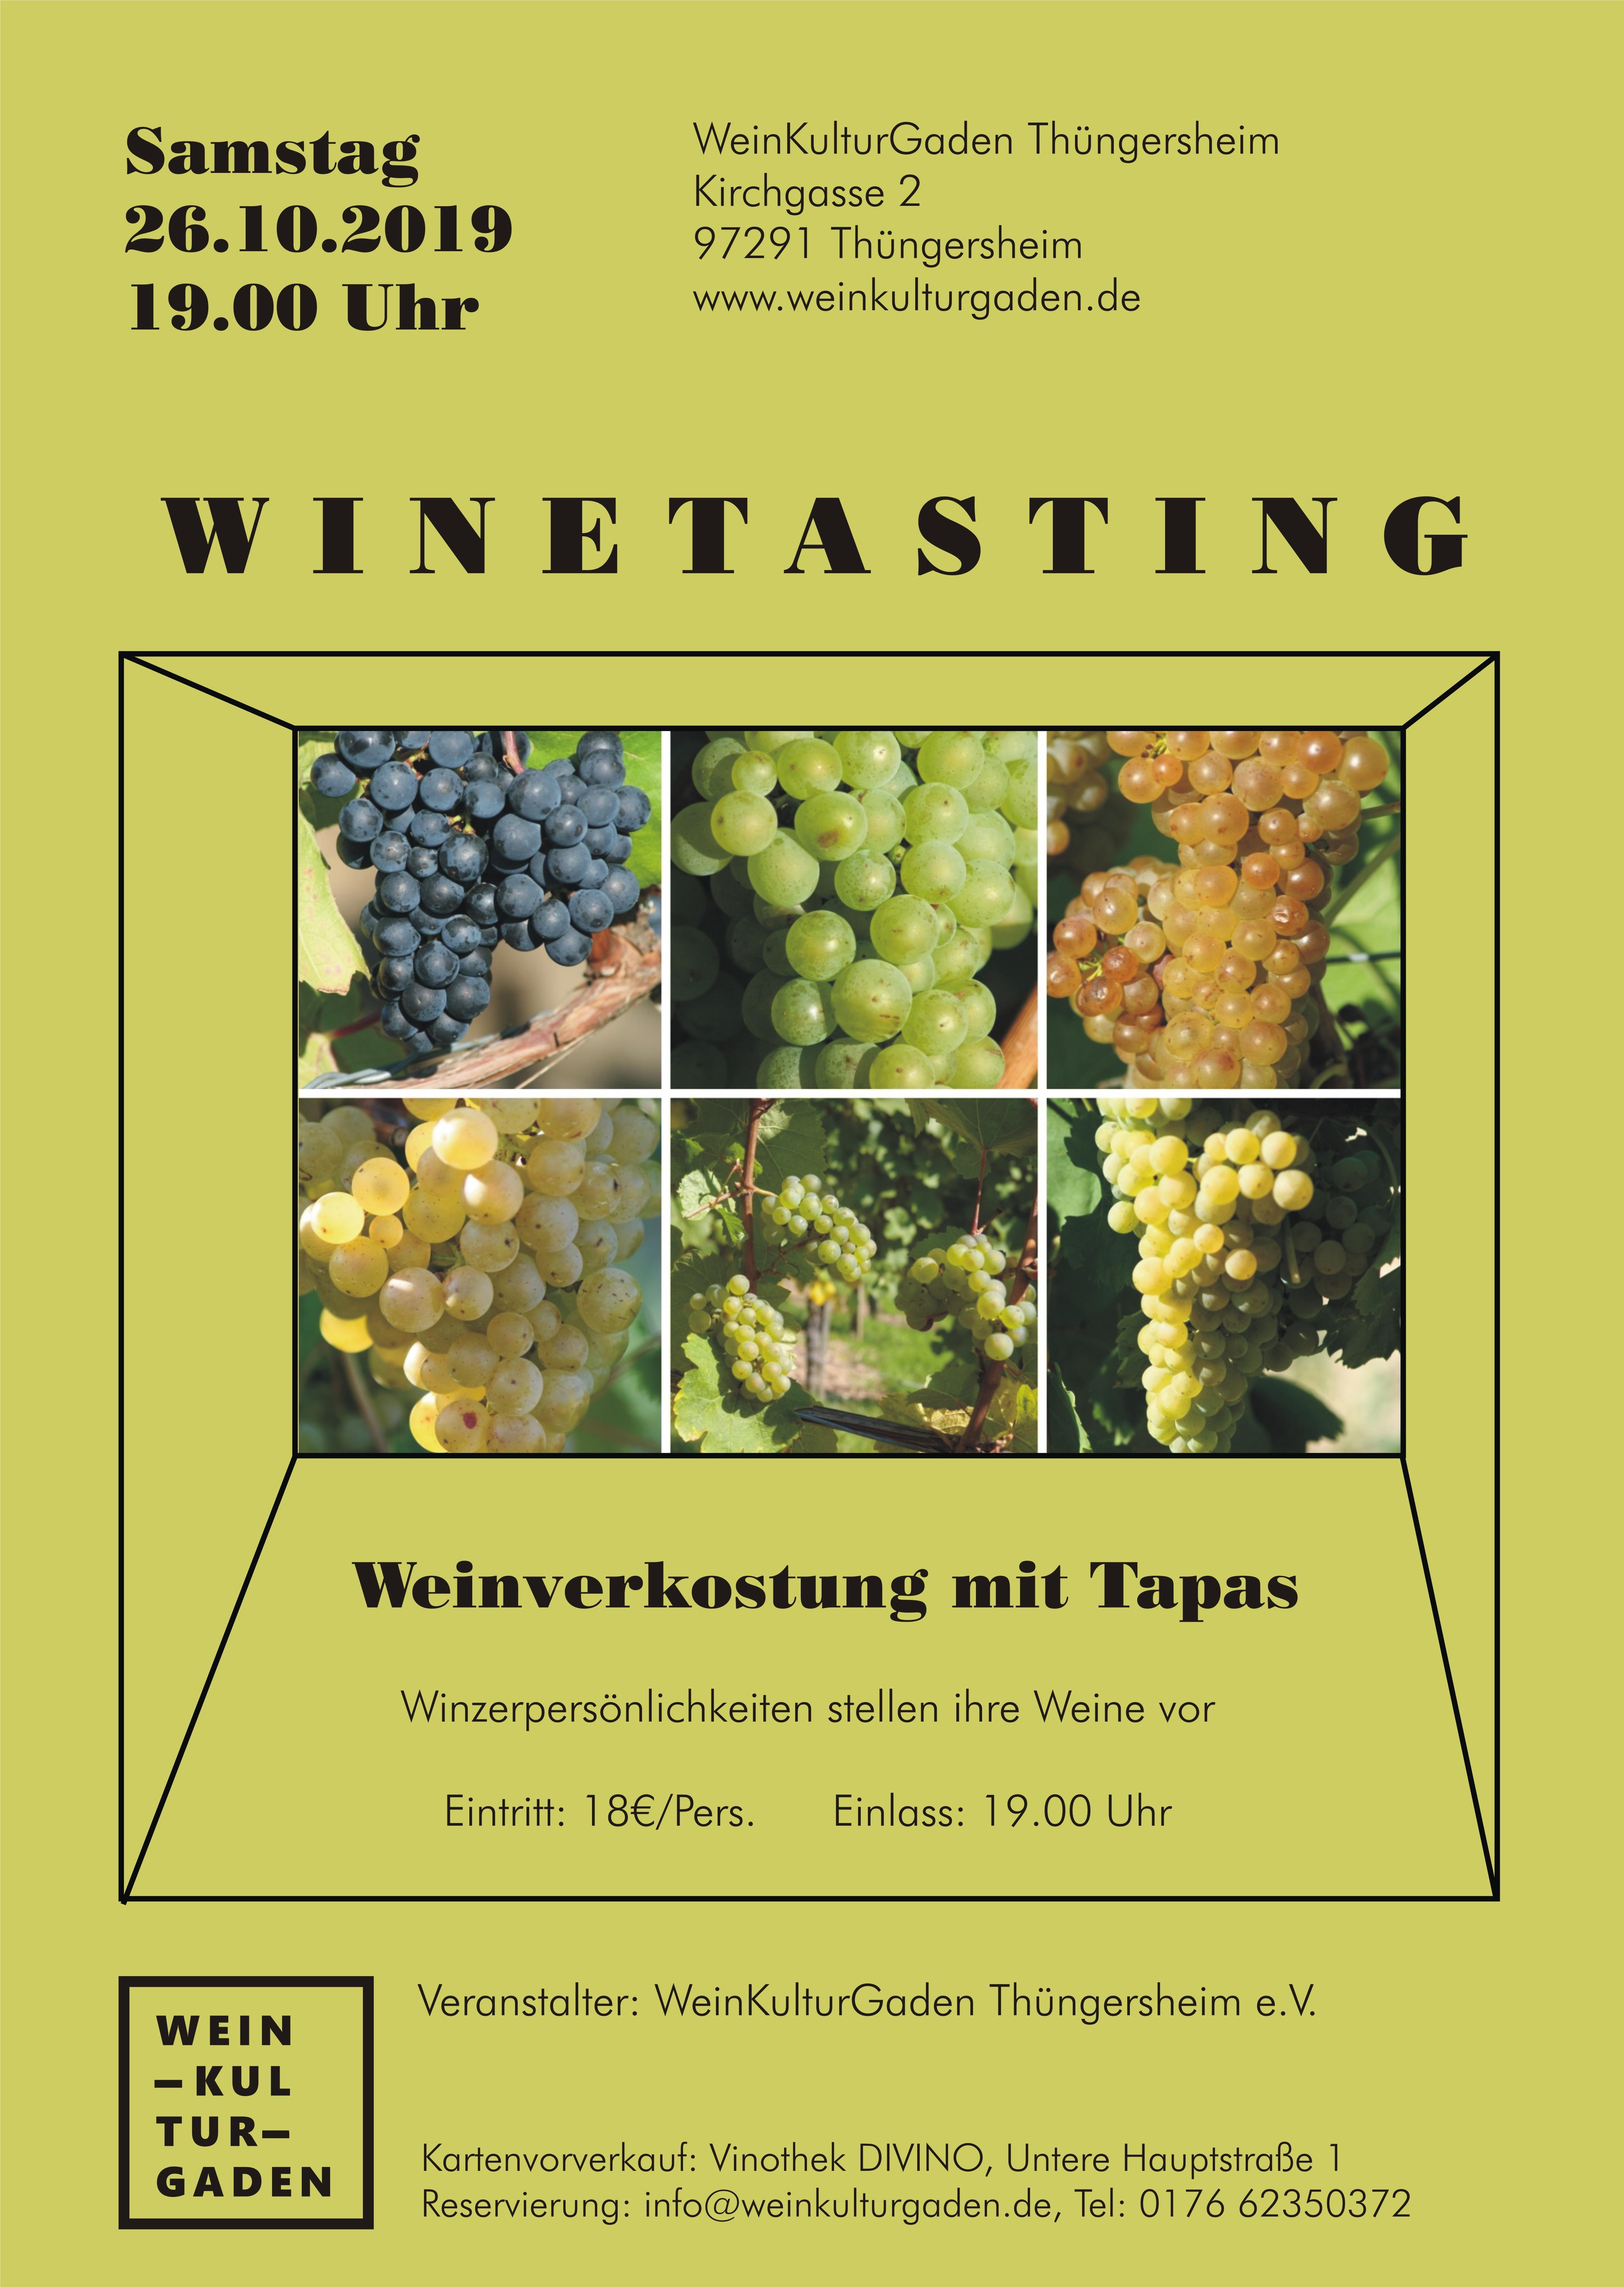 Winetasting - Weinverkostung mit fränkischen Tapas